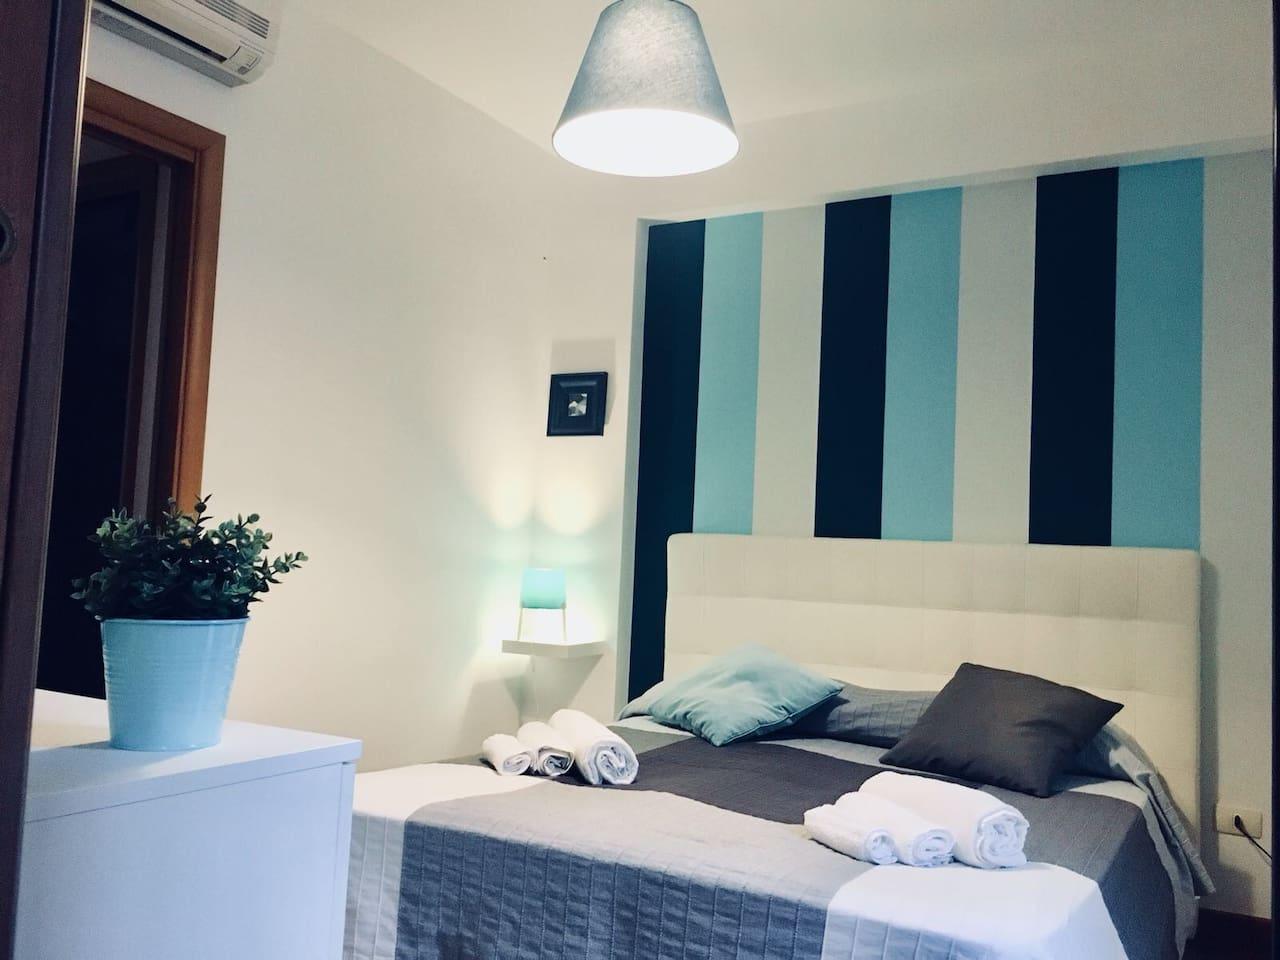 La camera da letto principale della casa ha anche un proprio bagno in camera con accesso diretto dalla stessa ed ottimamente climatizzata